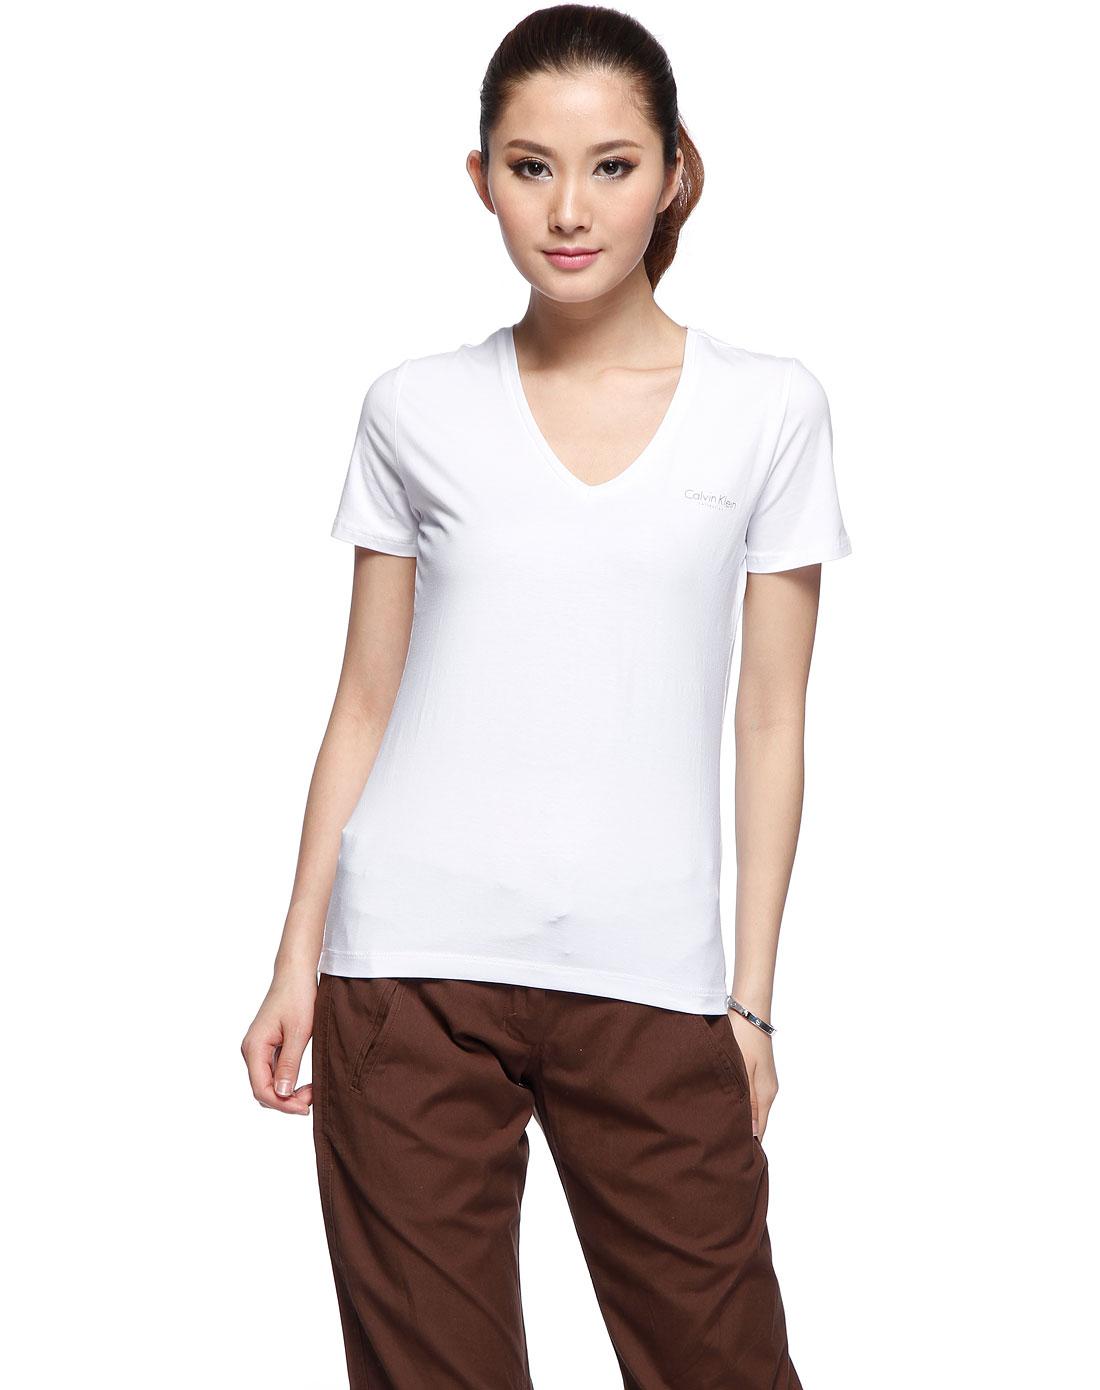 卡尔文克莱恩calvin klein 女款漂白色v领短袖t恤